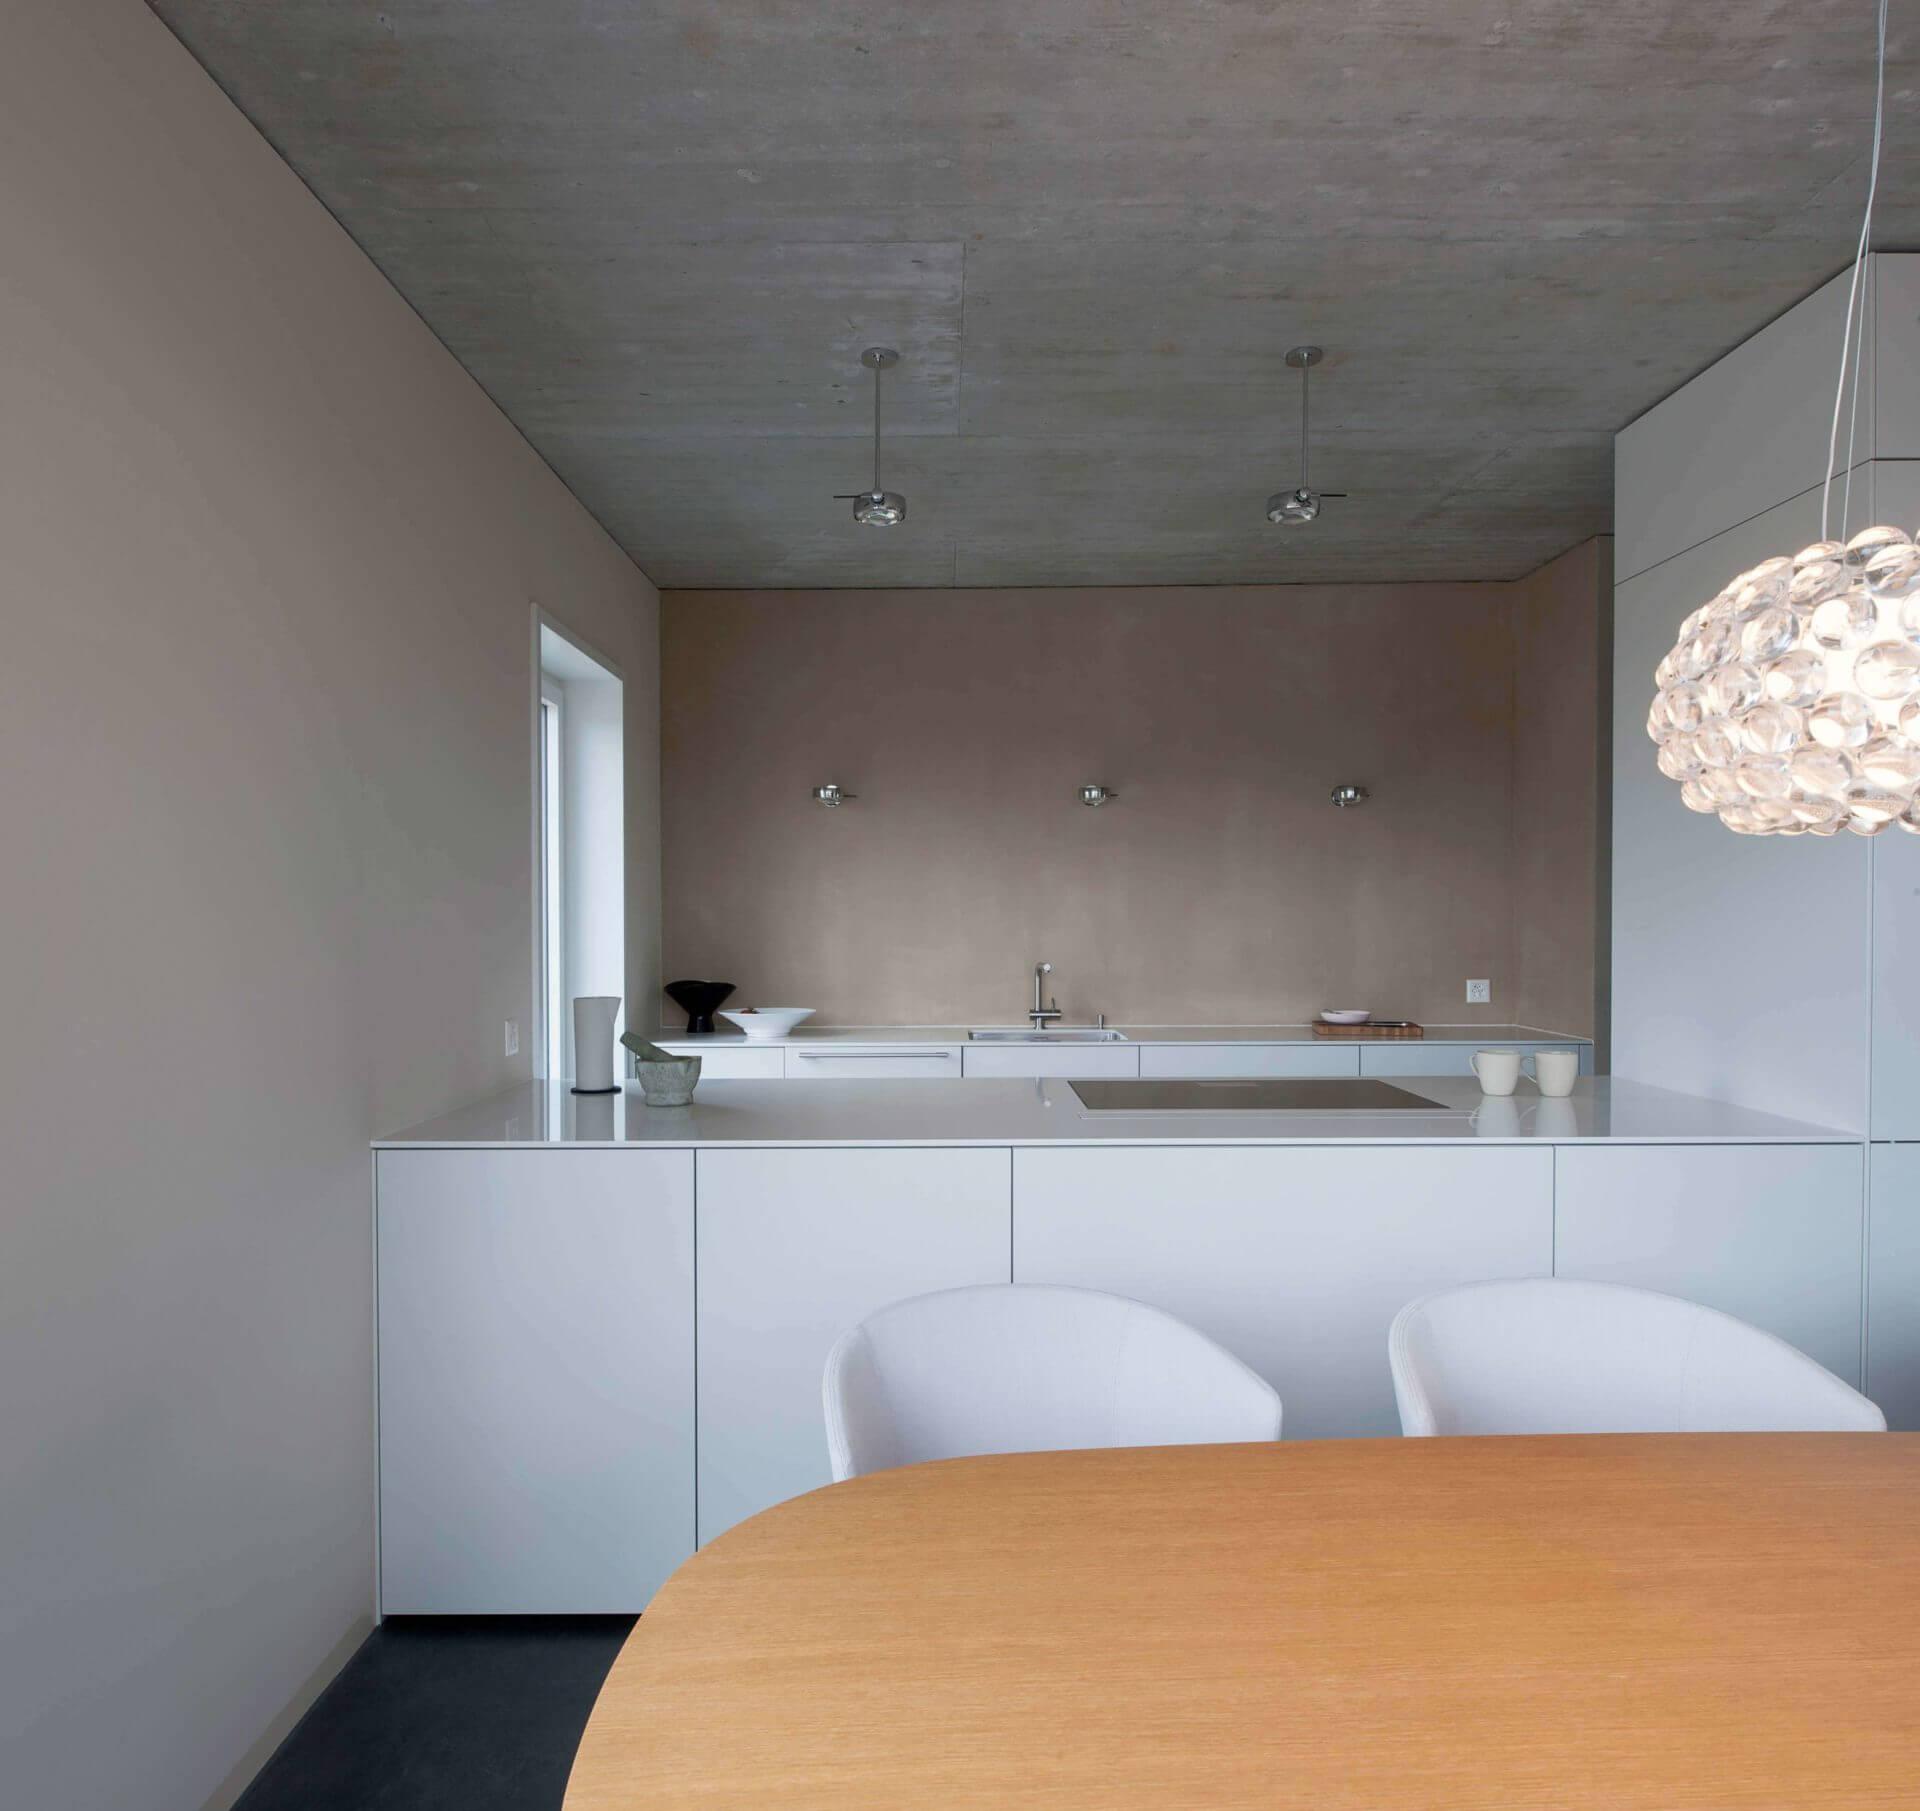 Urbane Einfachheit an der Aare. Farb-, Material- und Einrichtungskonzept inklusive Beleuchtung Neubau Eigentumswohnung, Muri bei Bern